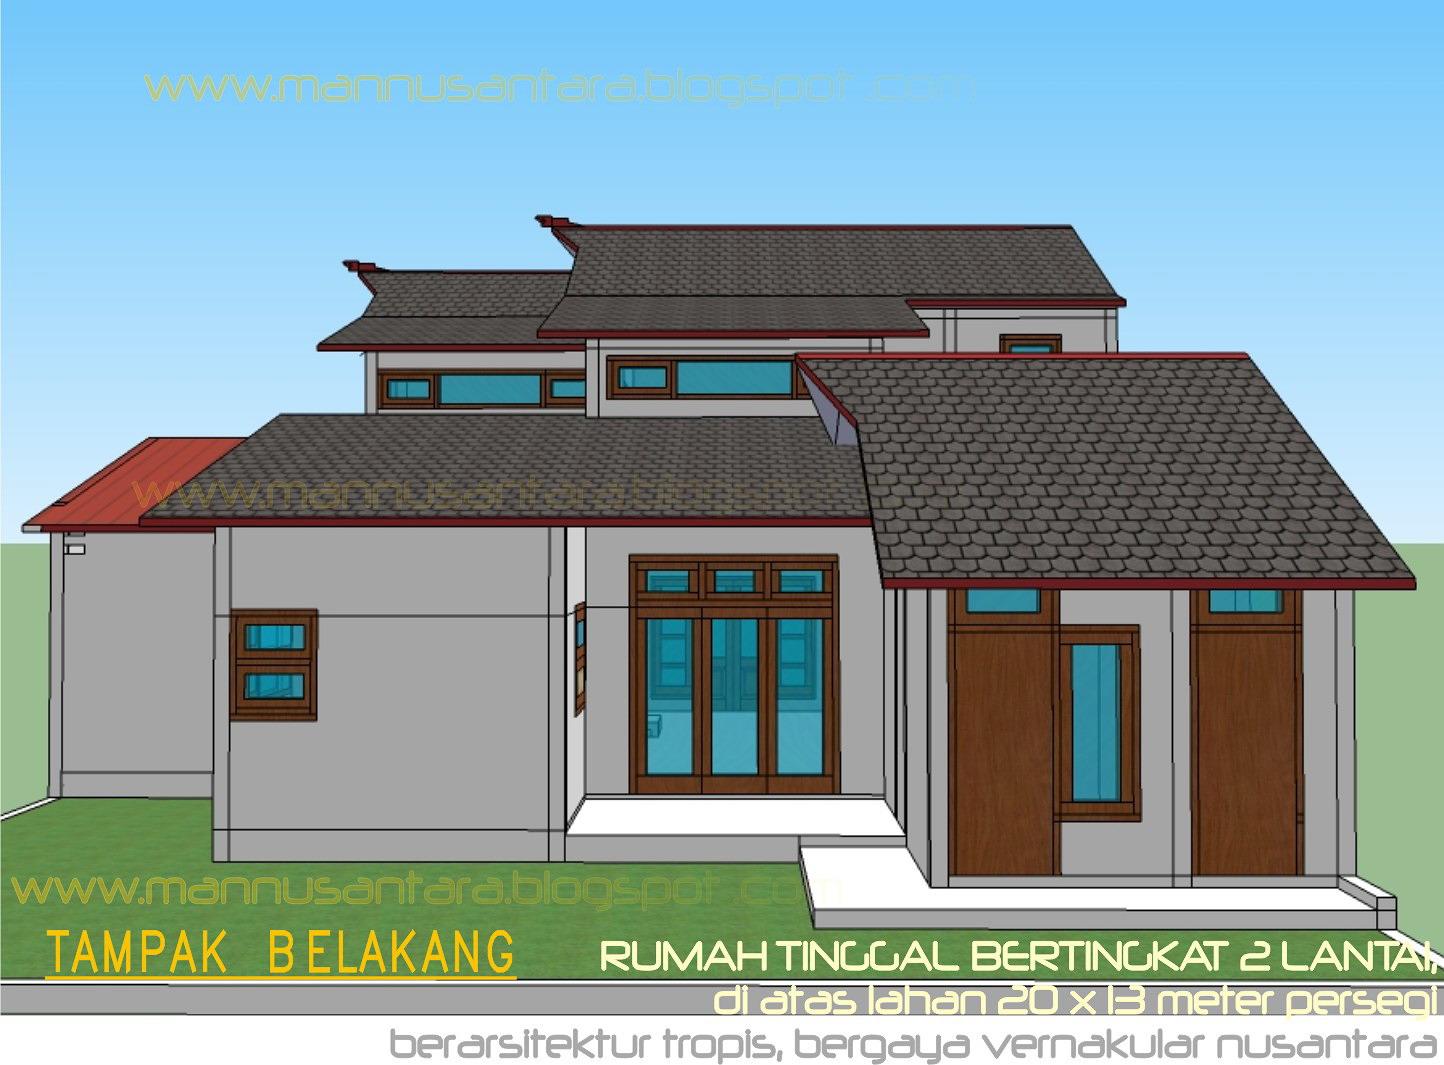 Desain Rumah 2016 Rumah Minimalis Bertingkat Belakang Images